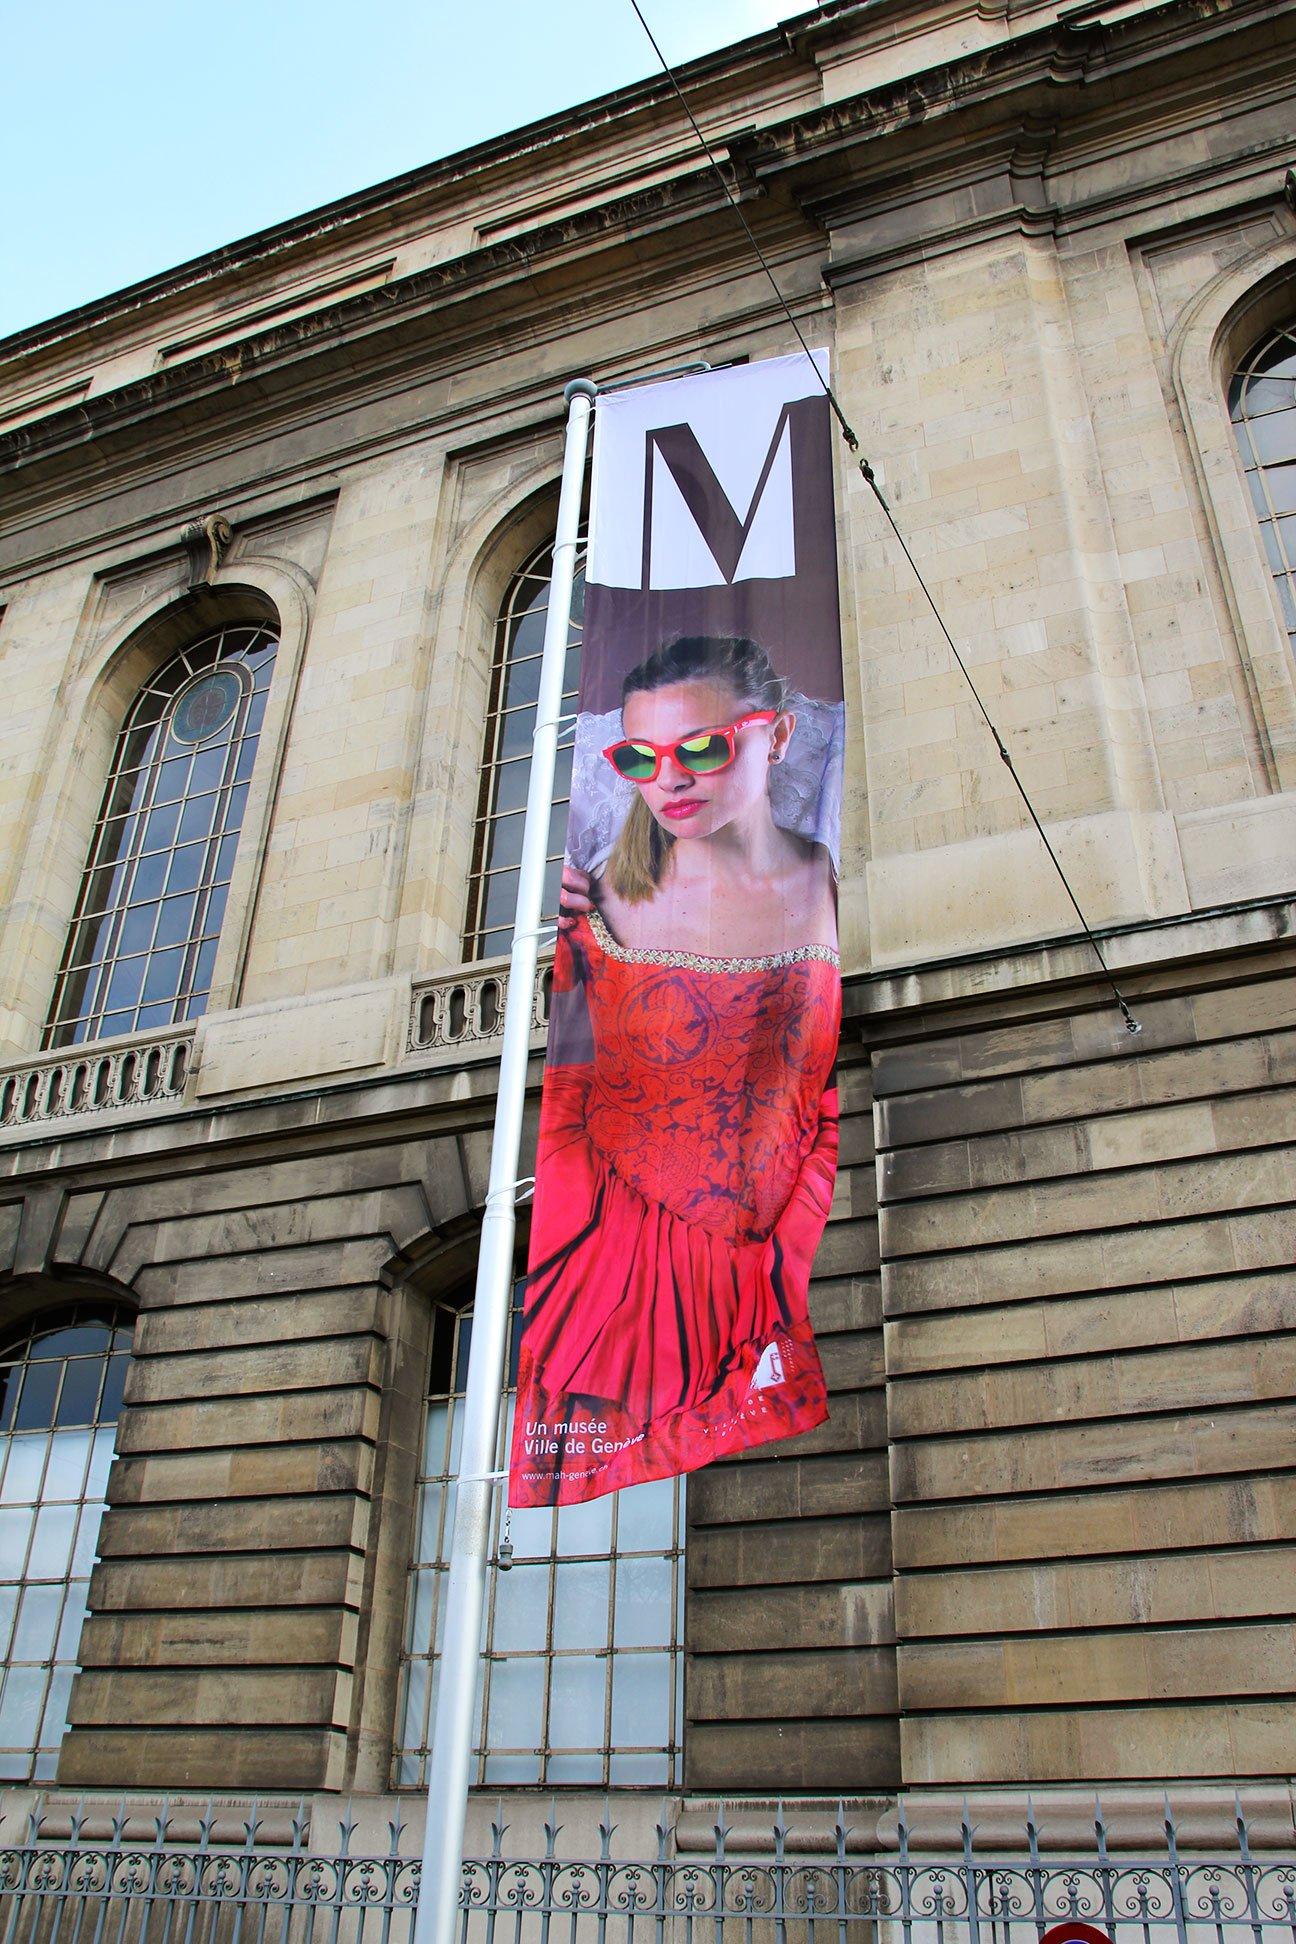 Fabien_cuffel_Musee-art-et-histoire-geneve_campagne-institutionnelle-drapeaux_emilie